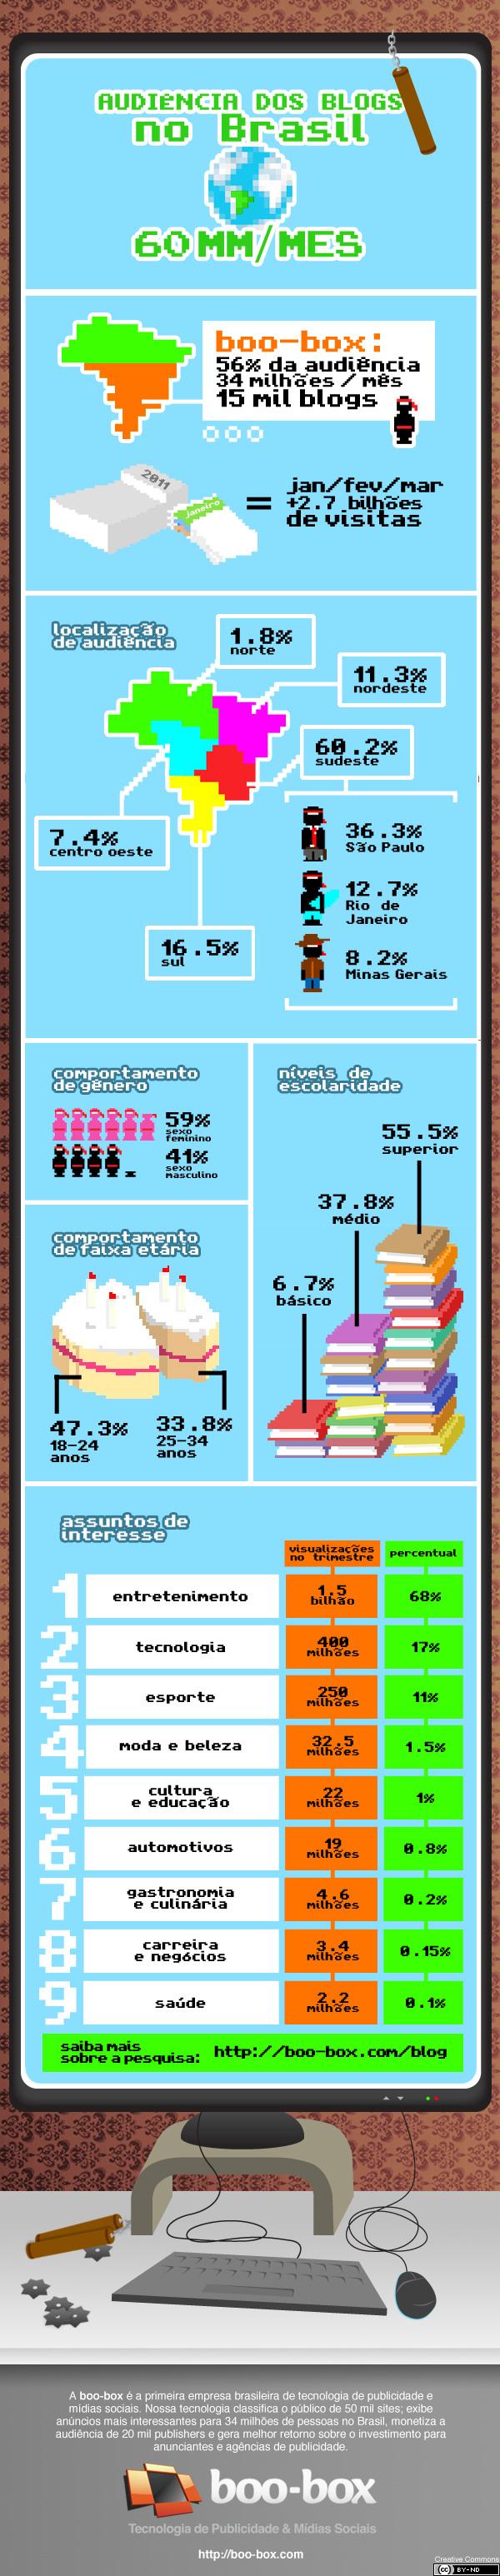 Audiência dos blogs no Brasil